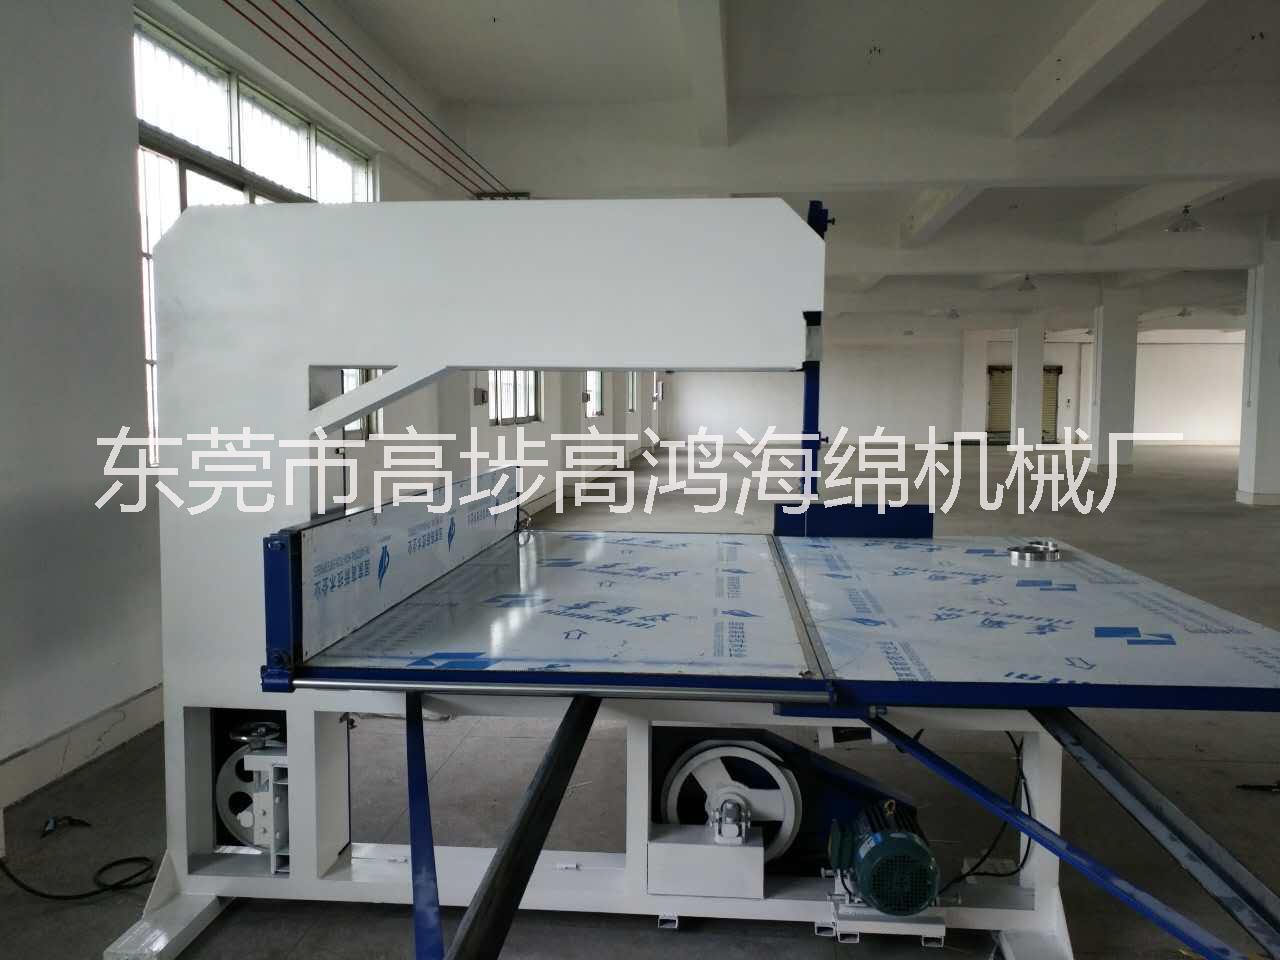 小型海绵的垂直切割 东莞海绵直切机厂家直销